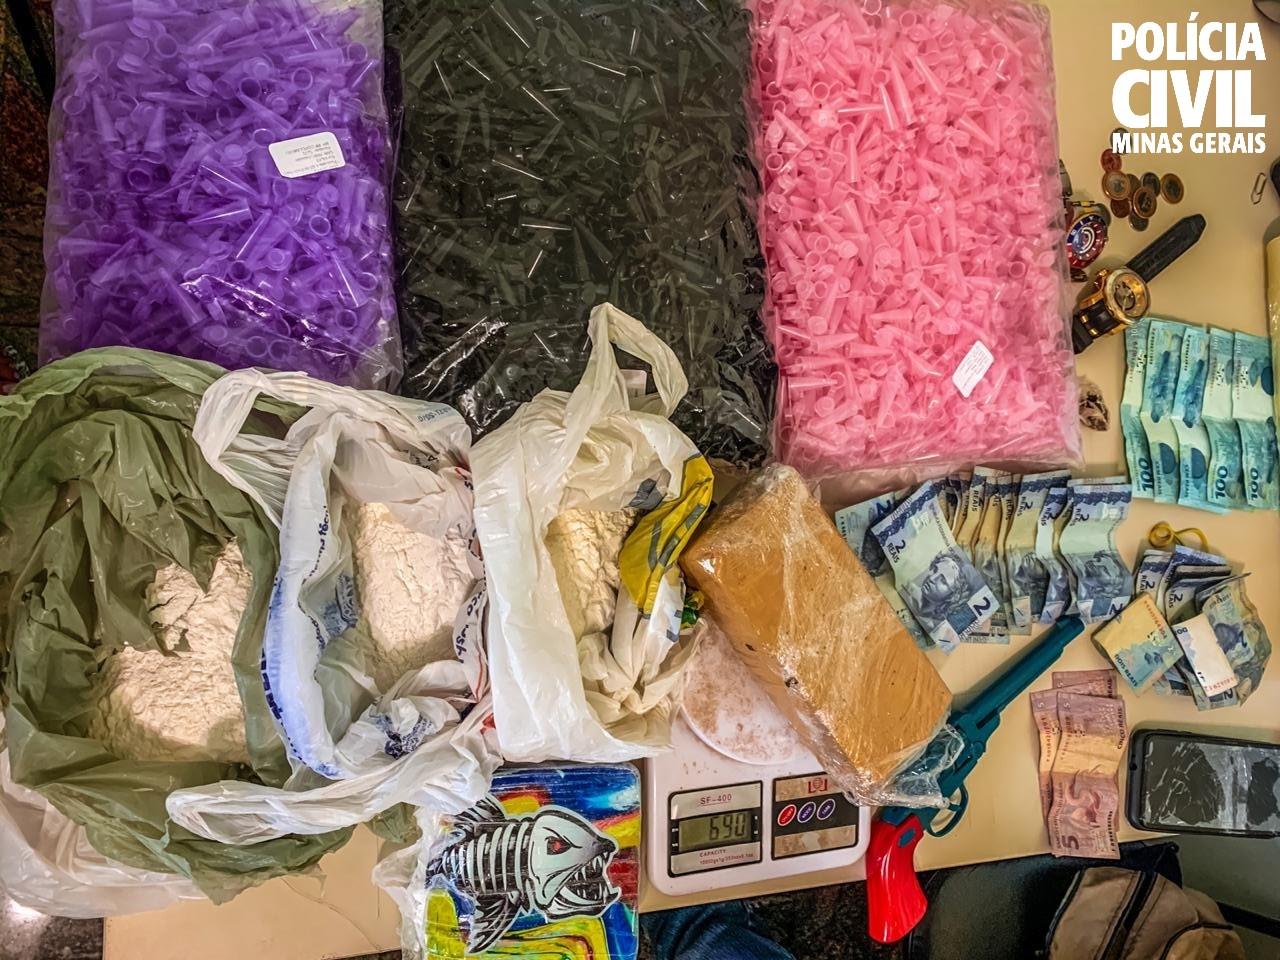 Polícia prende dupla suspeita de tráfico e apreende drogas em Nova Lima - Foto: Divulgação/PCMG